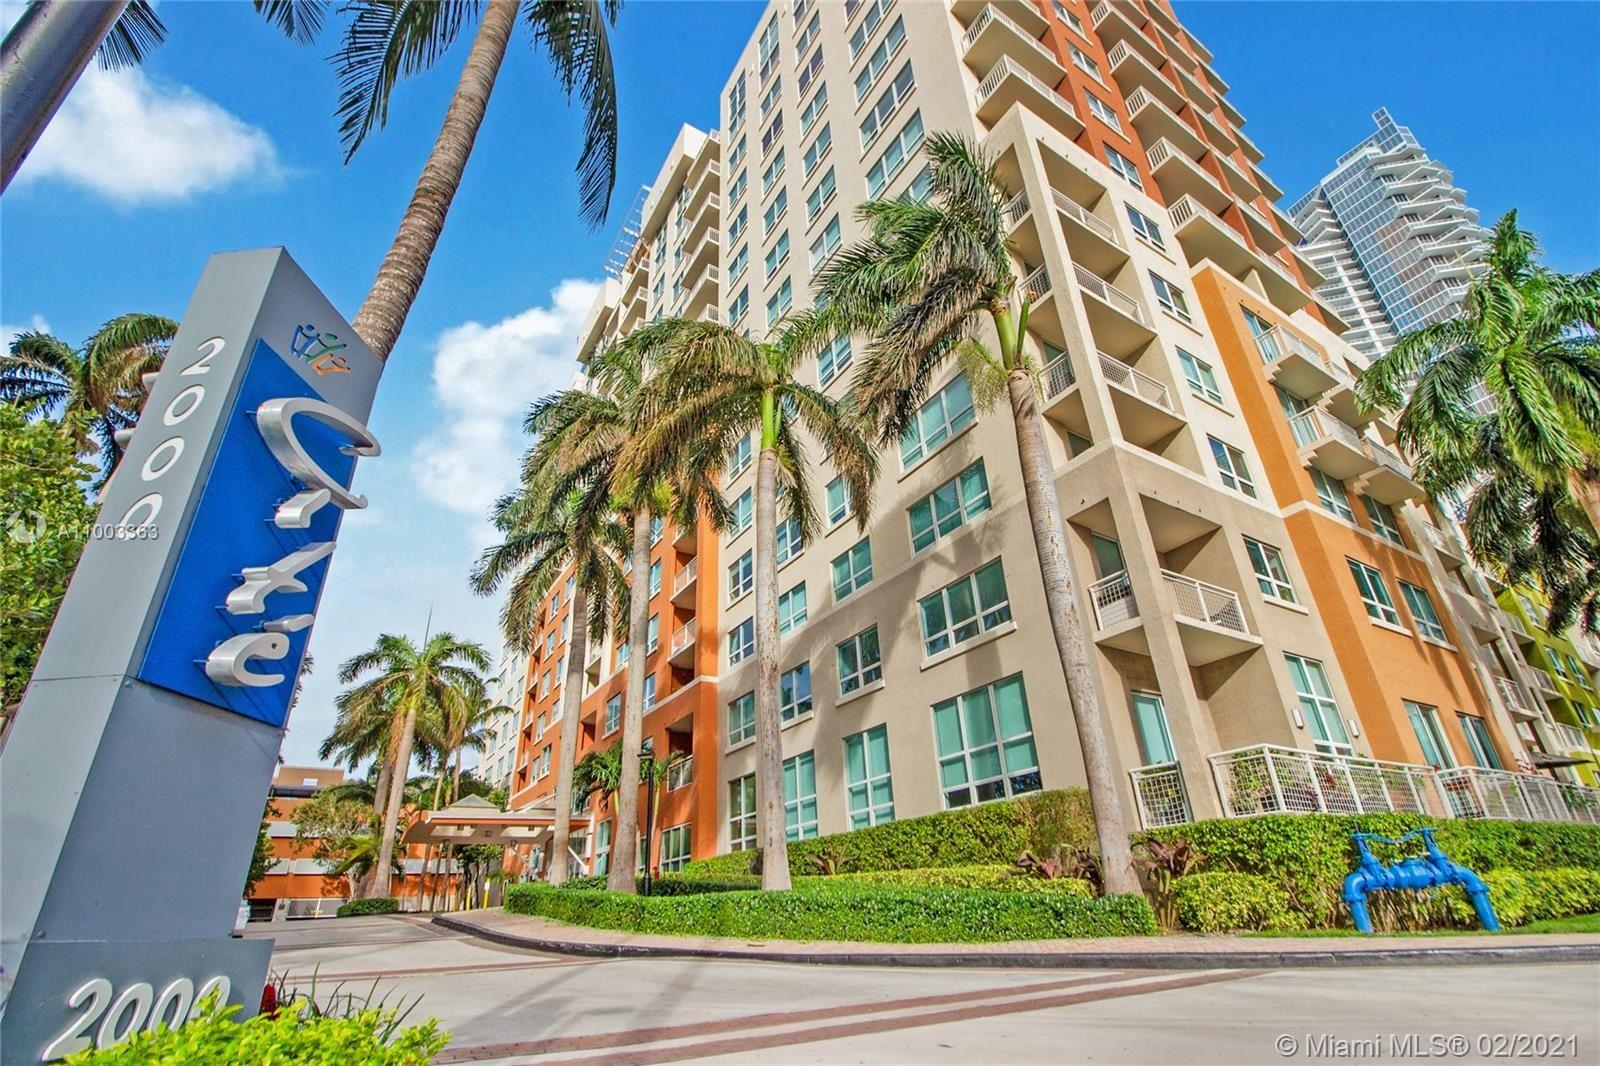 2000 N Bayshore Dr #118, Miami, FL 33137 - #: A11003363